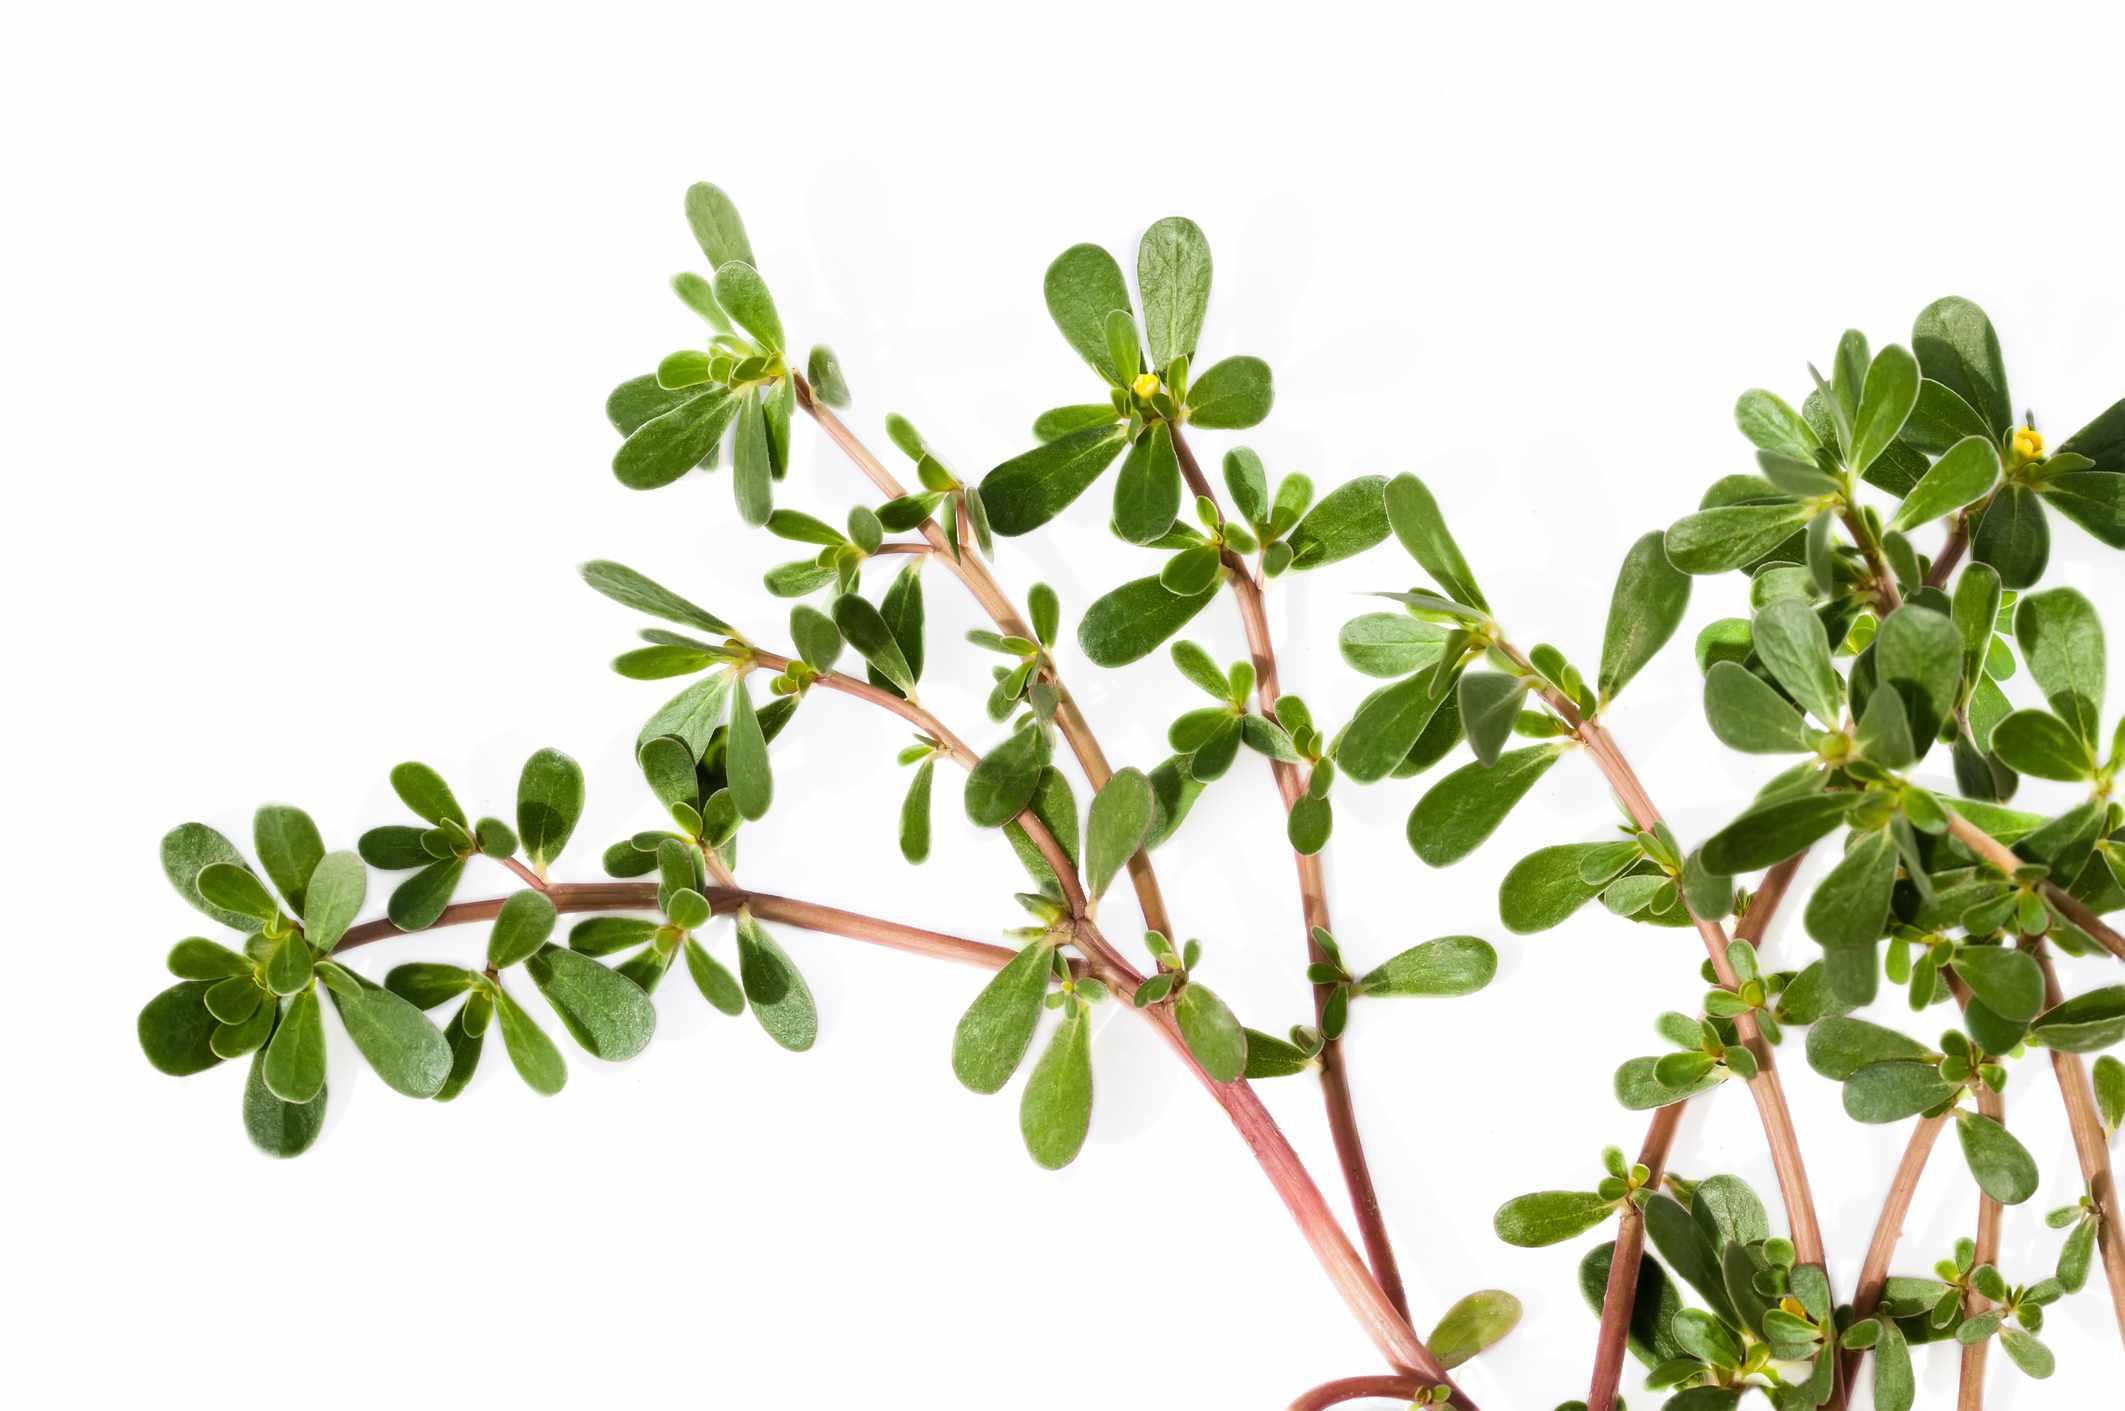 A purslane plant